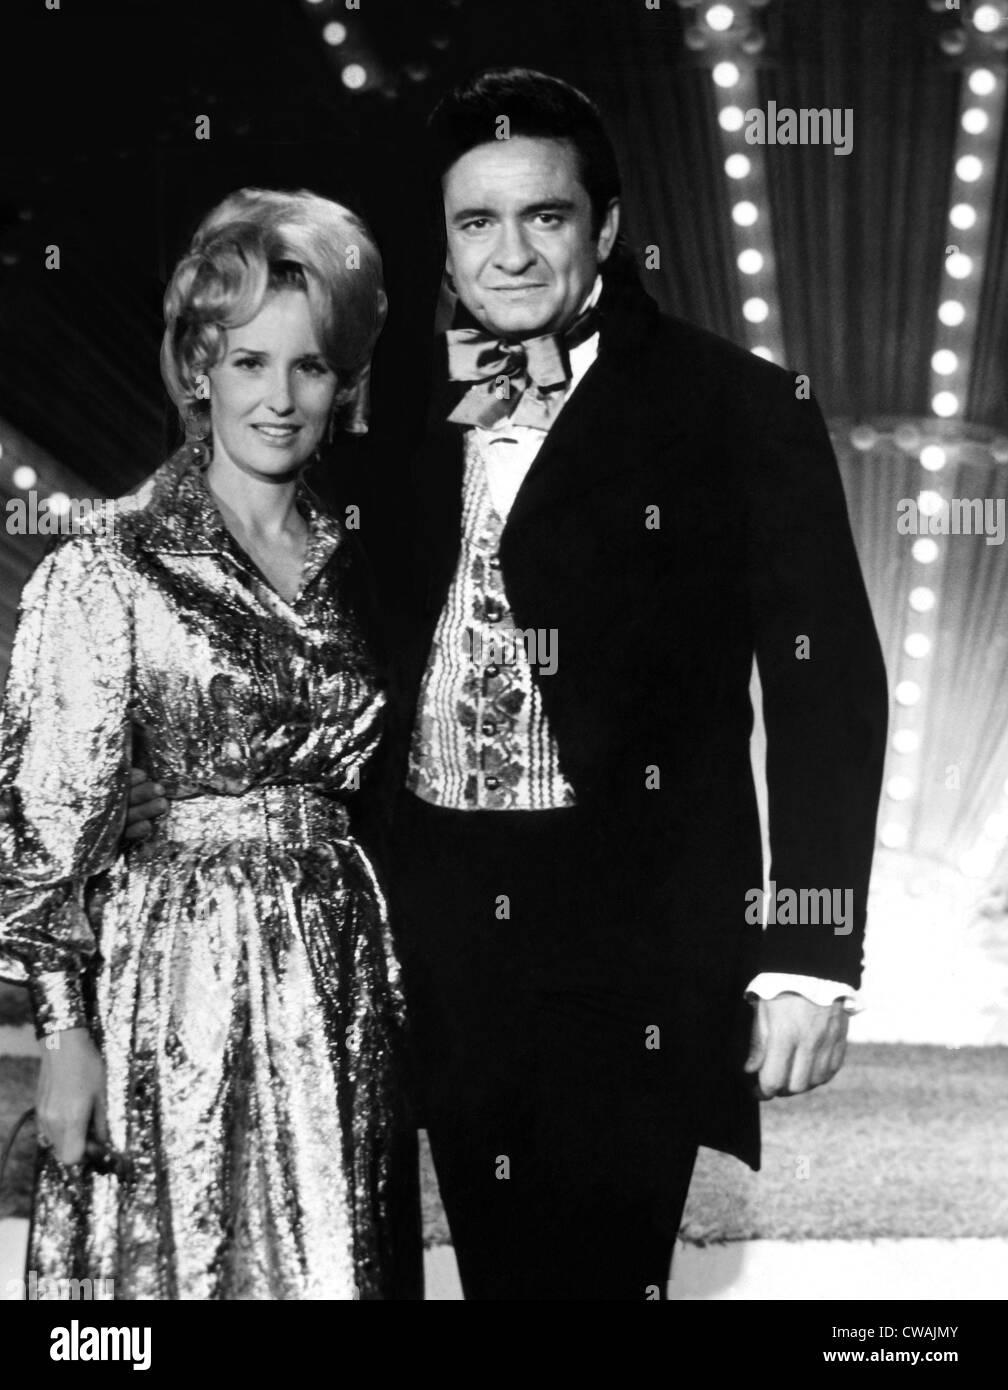 Chanteurs de Country Tammy Wynette et Johnny Cash, 1971.. Avec la permission de la CSU: Archives / Everett Photo Stock